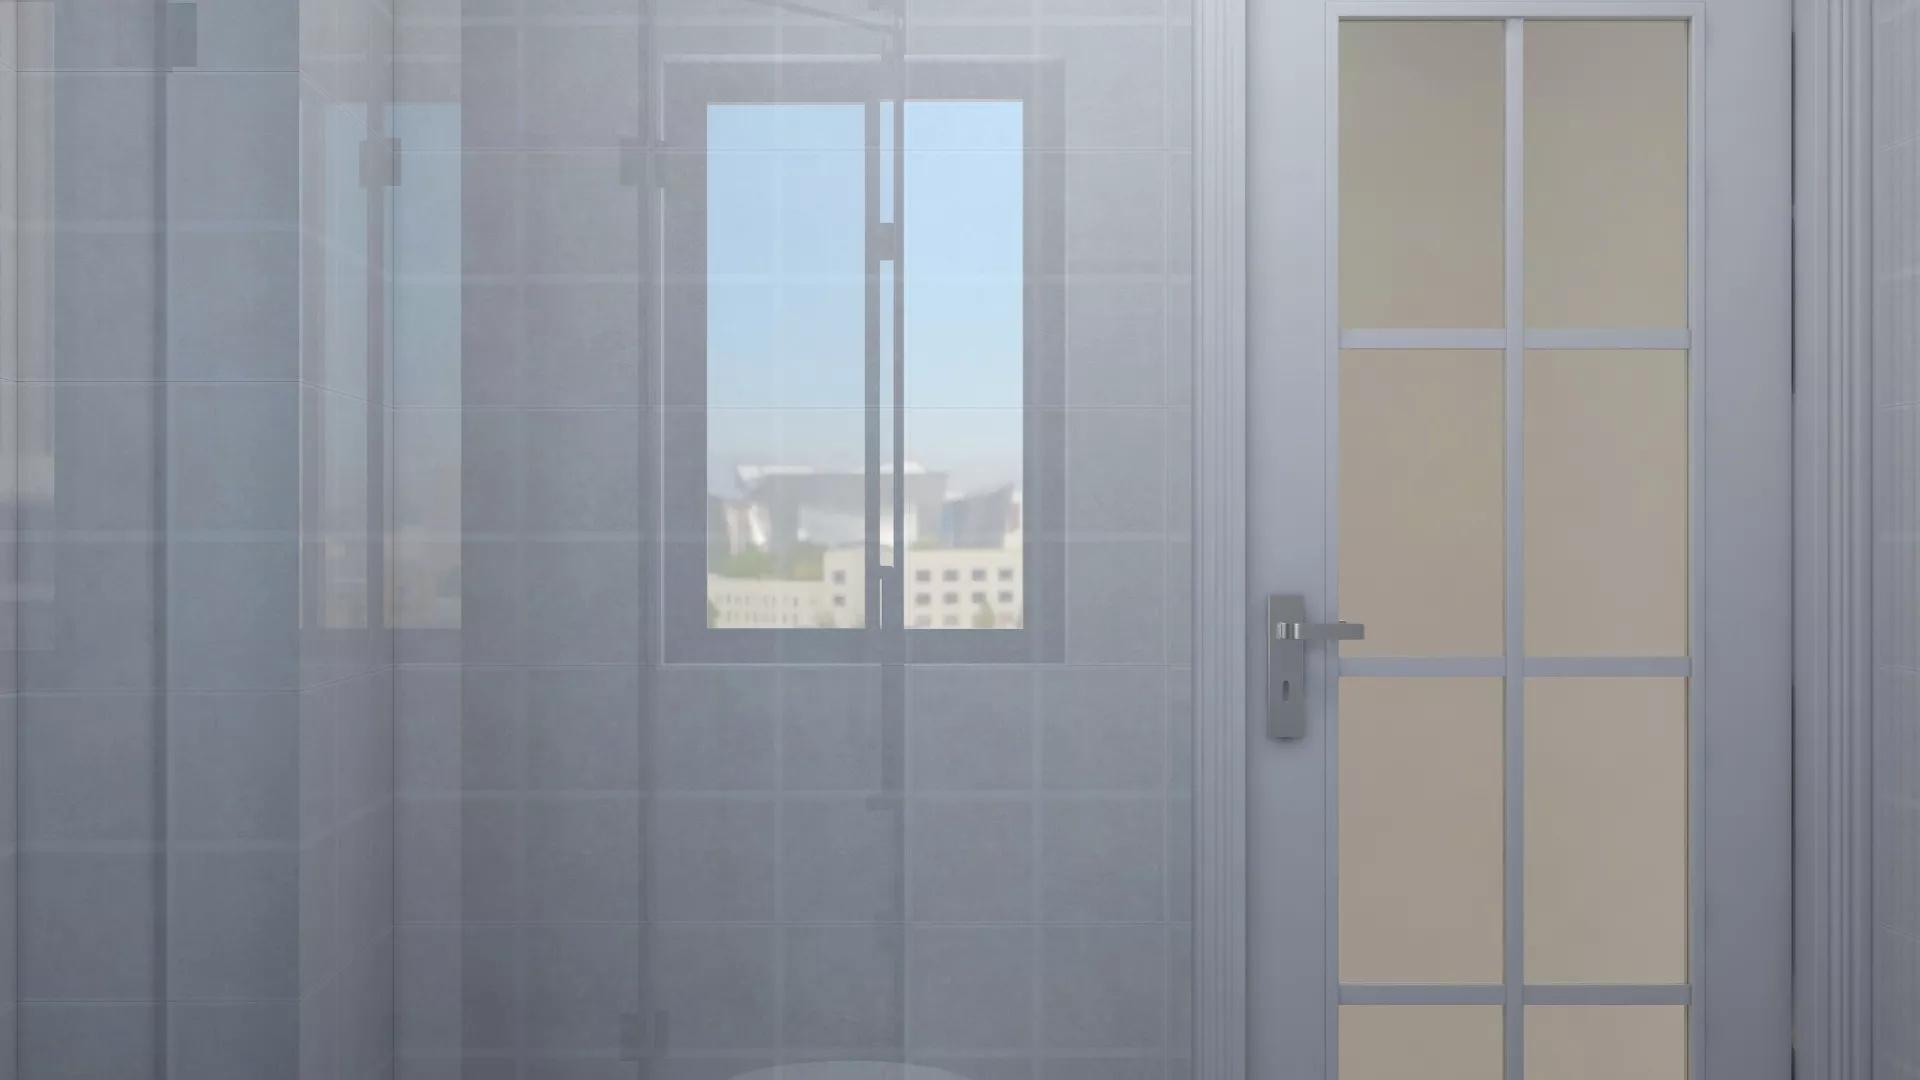 阳台装洗手盆还是拖把池好?阳台设计方案推荐